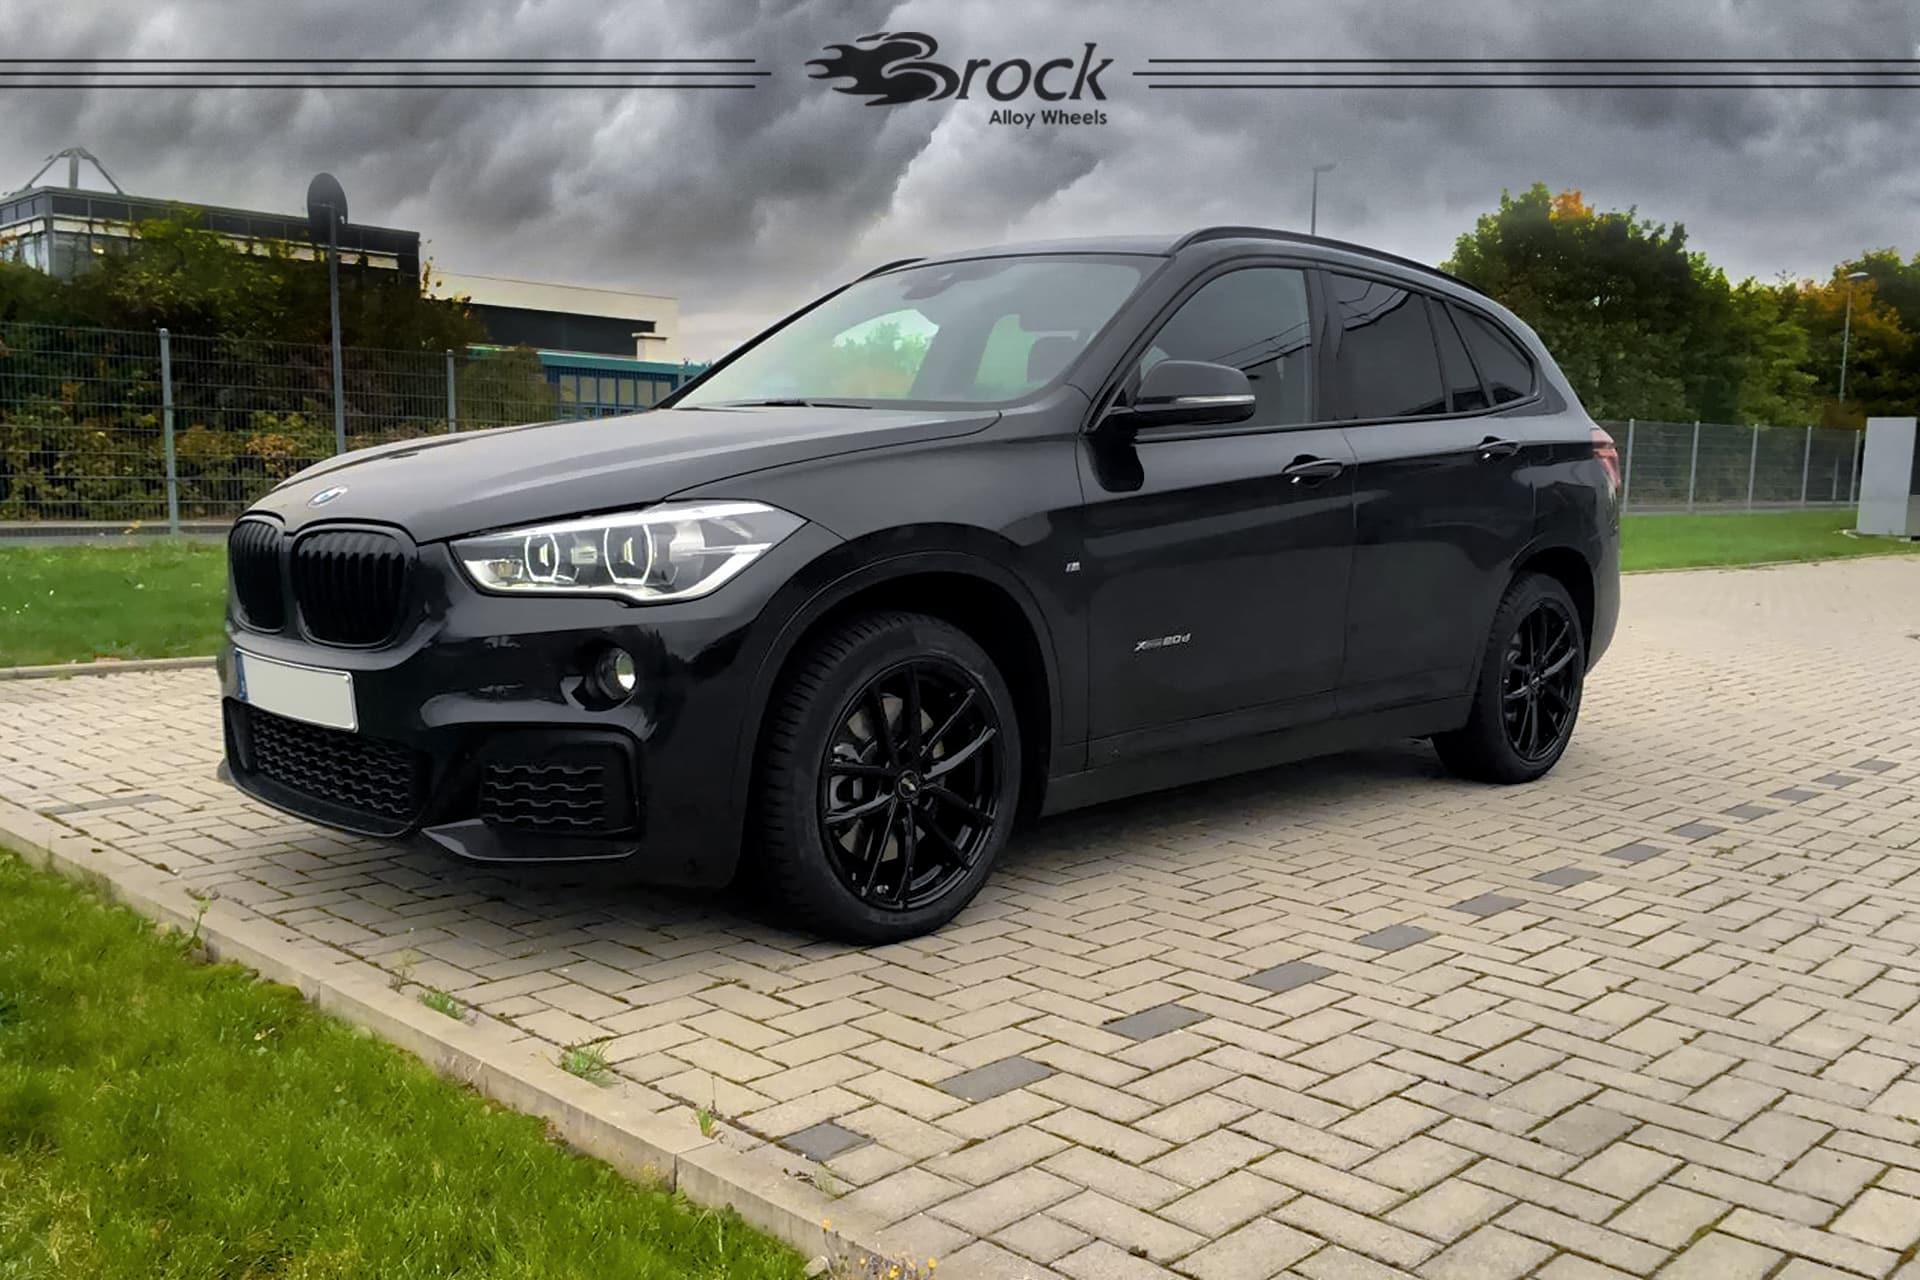 BMW X1 F48 F1X Brock B38 SG 18Zoll